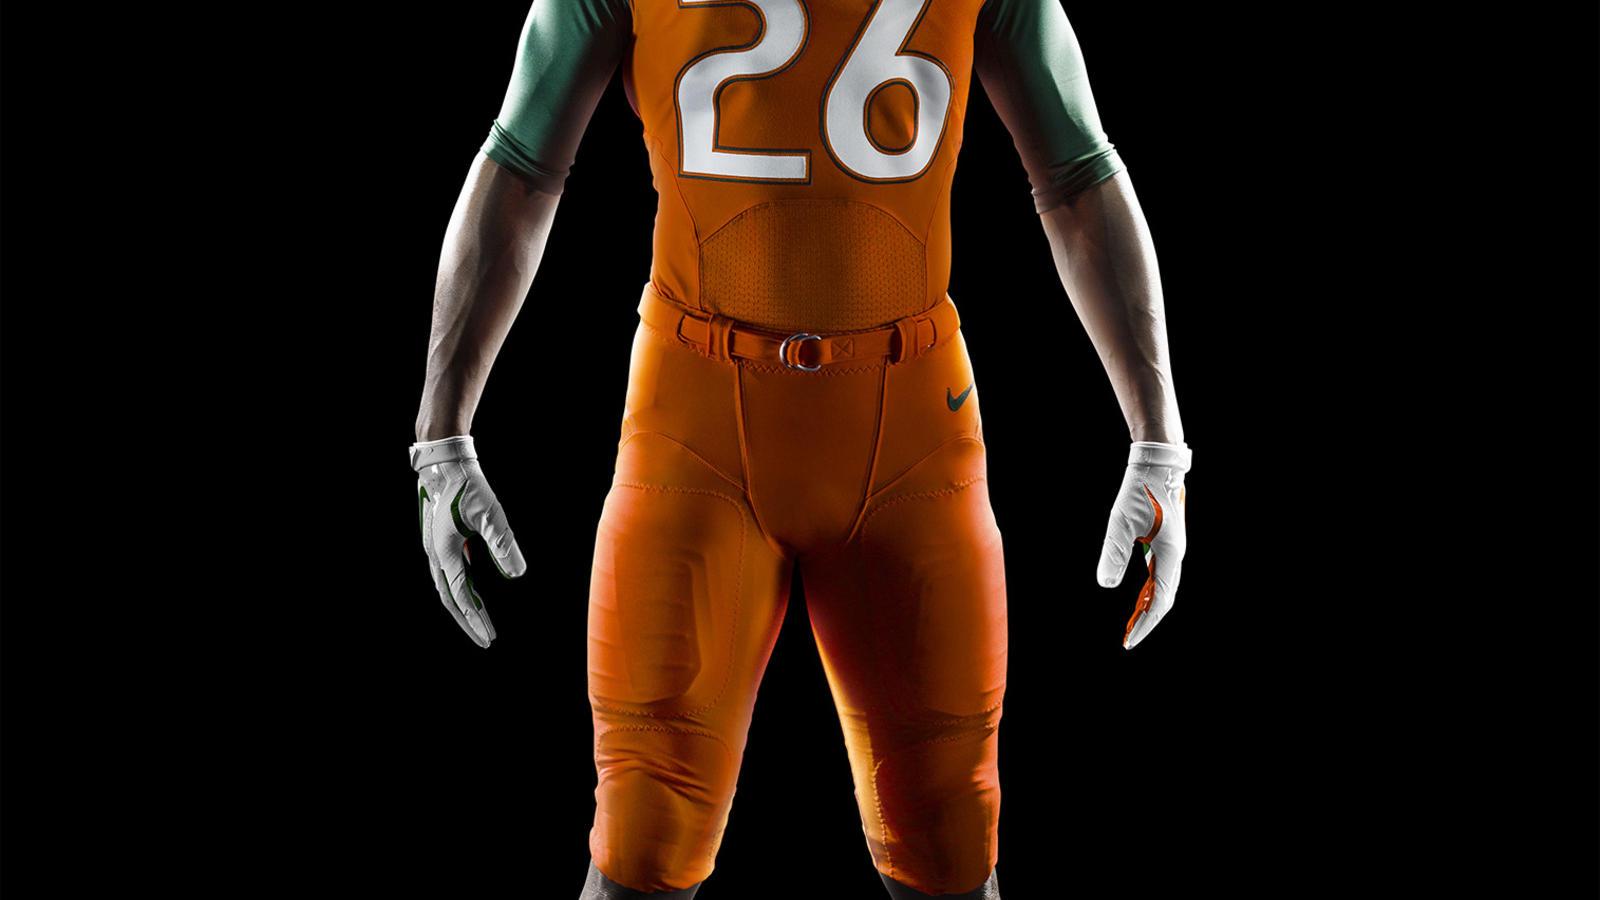 su14_at_ncaa_miami_front_orange_jersey